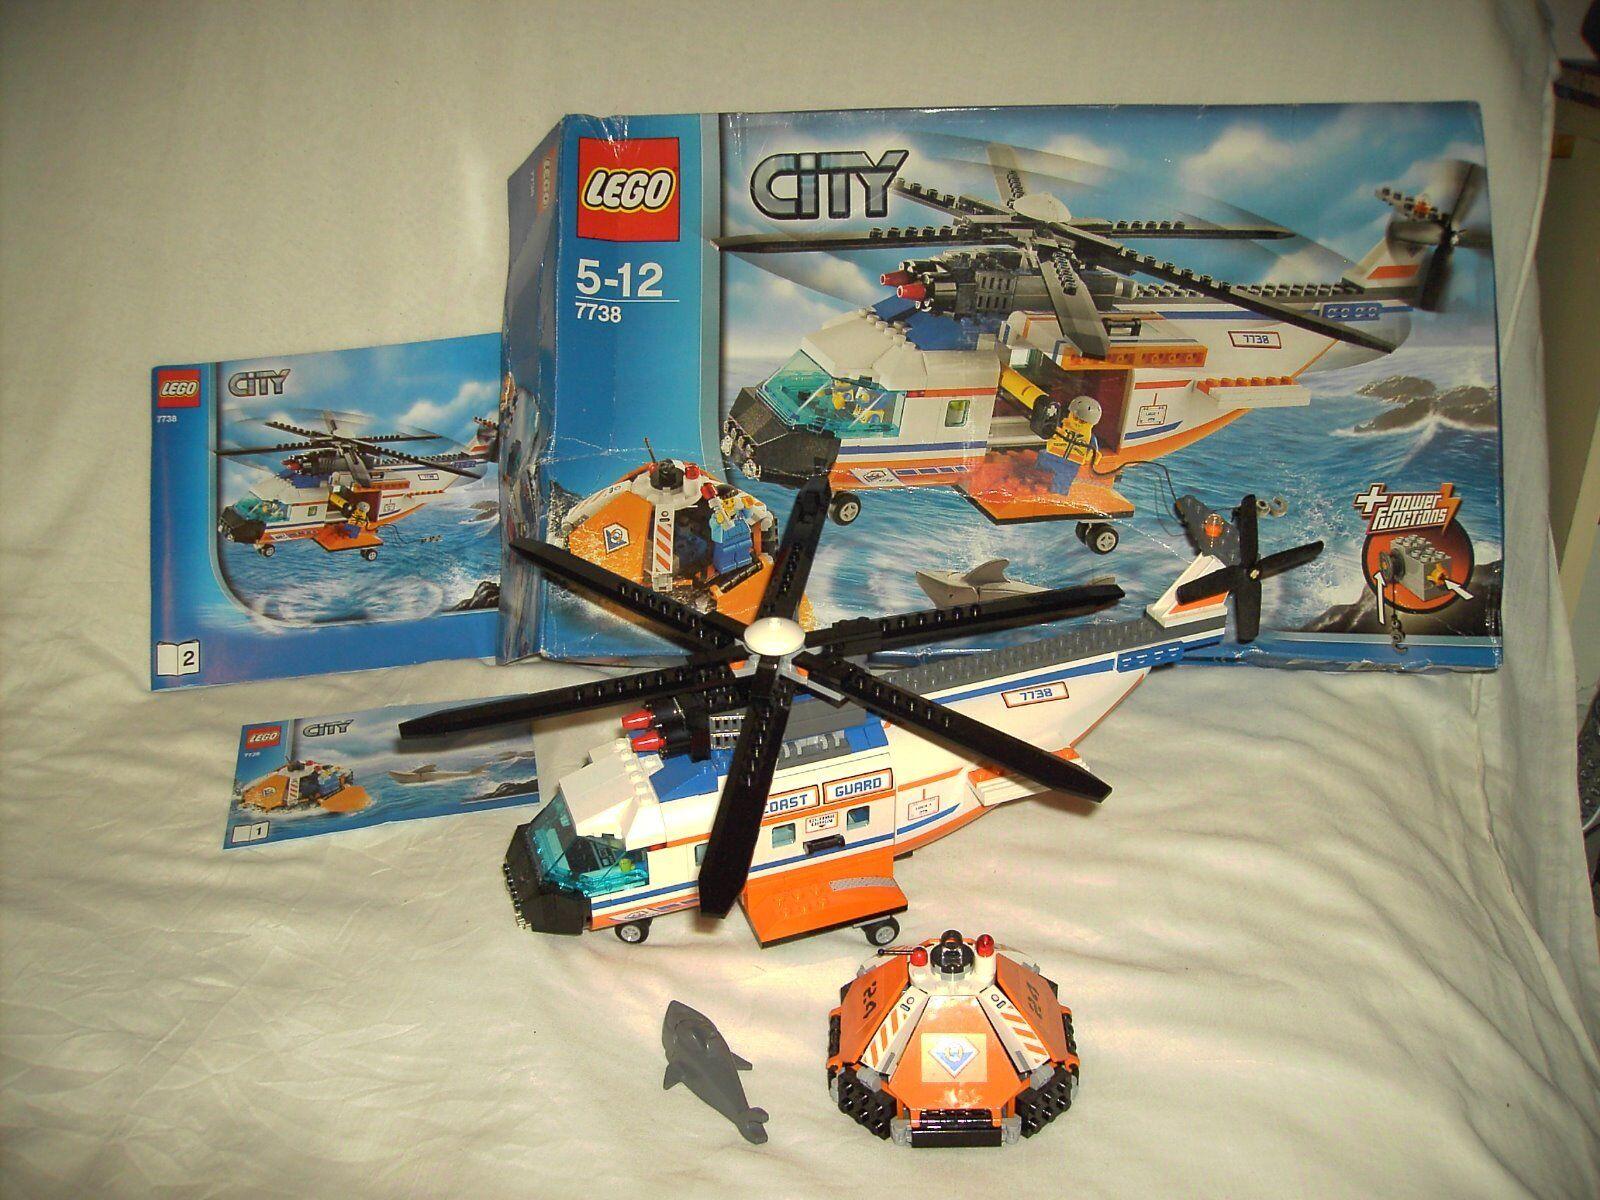 LEGO CITY 7738 - COASTGUARD HELICOPTOR AND LIFE RAFT